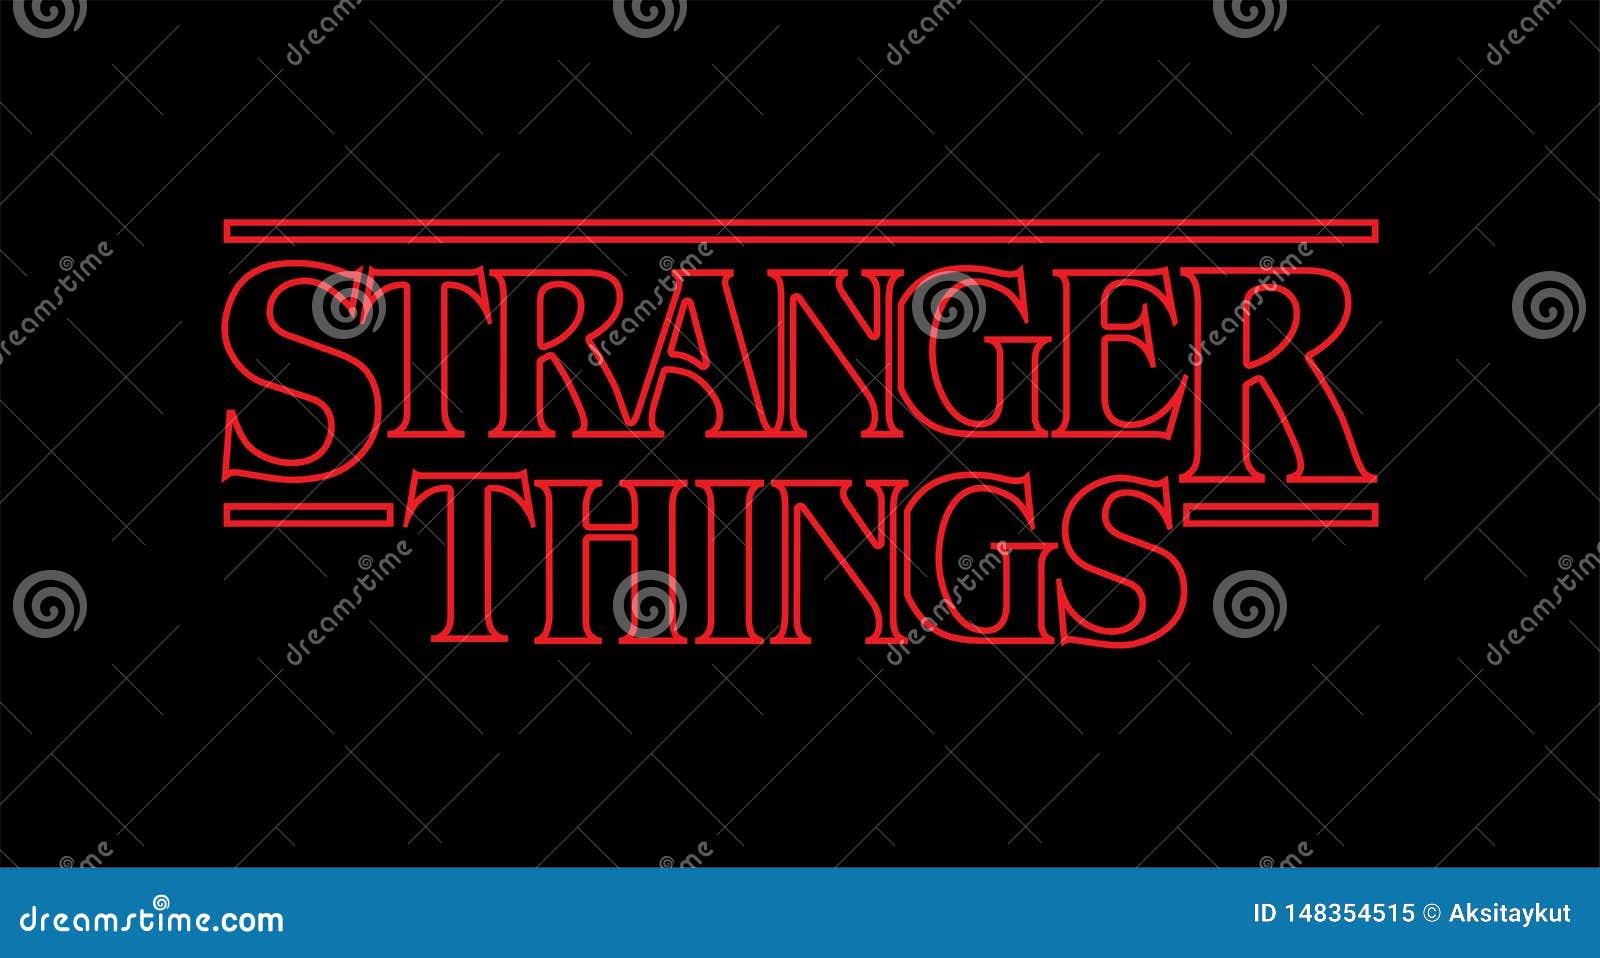 Stranger Things Lights Vector